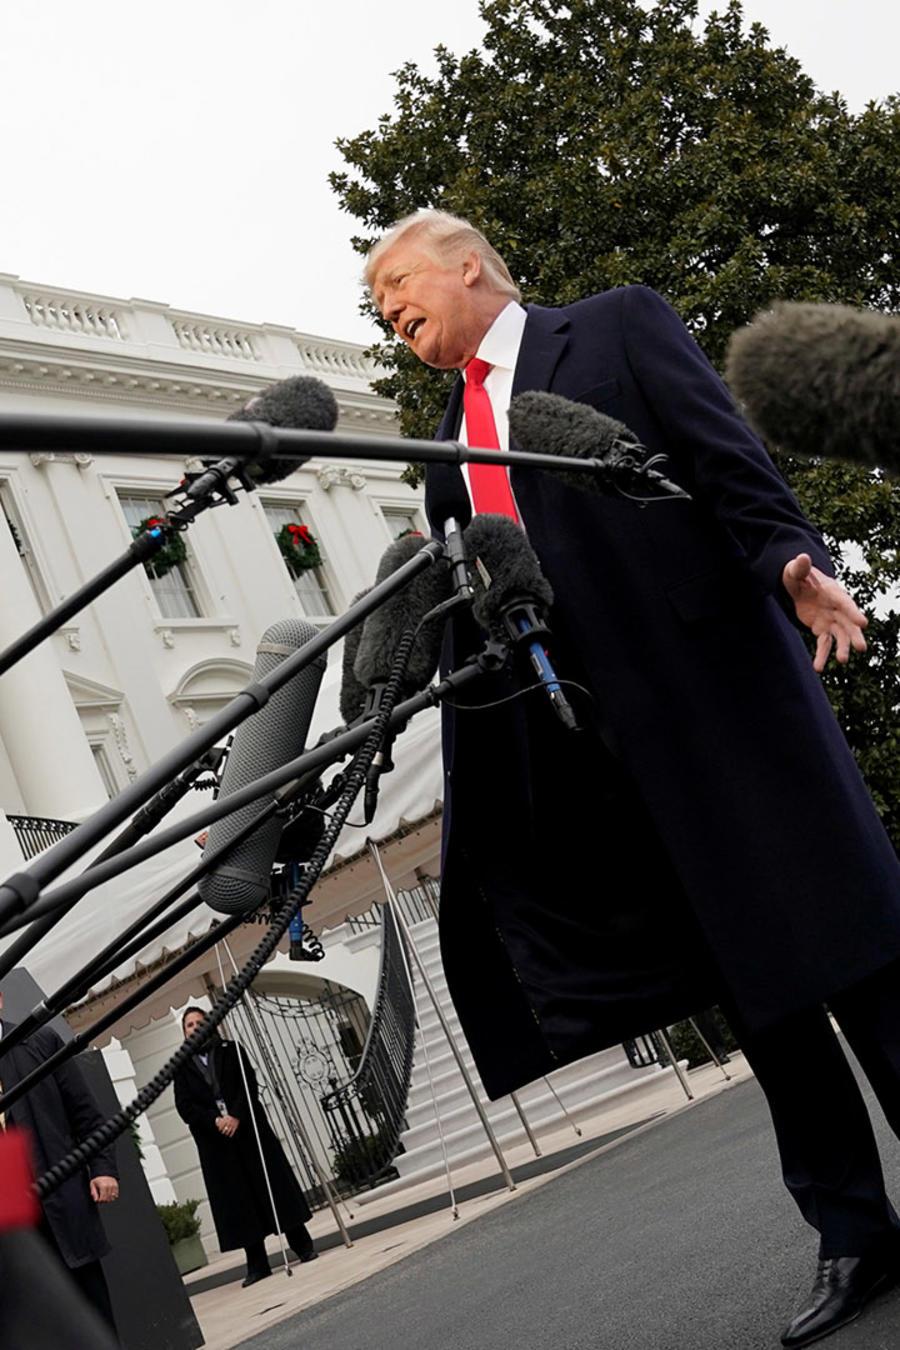 El presidente Trump habla a la prensa en la Casa Blanca antes de partir rumbo a la Academia del FBI en Quantico, Virginia, este viernes 15 de diciembre de 2017.